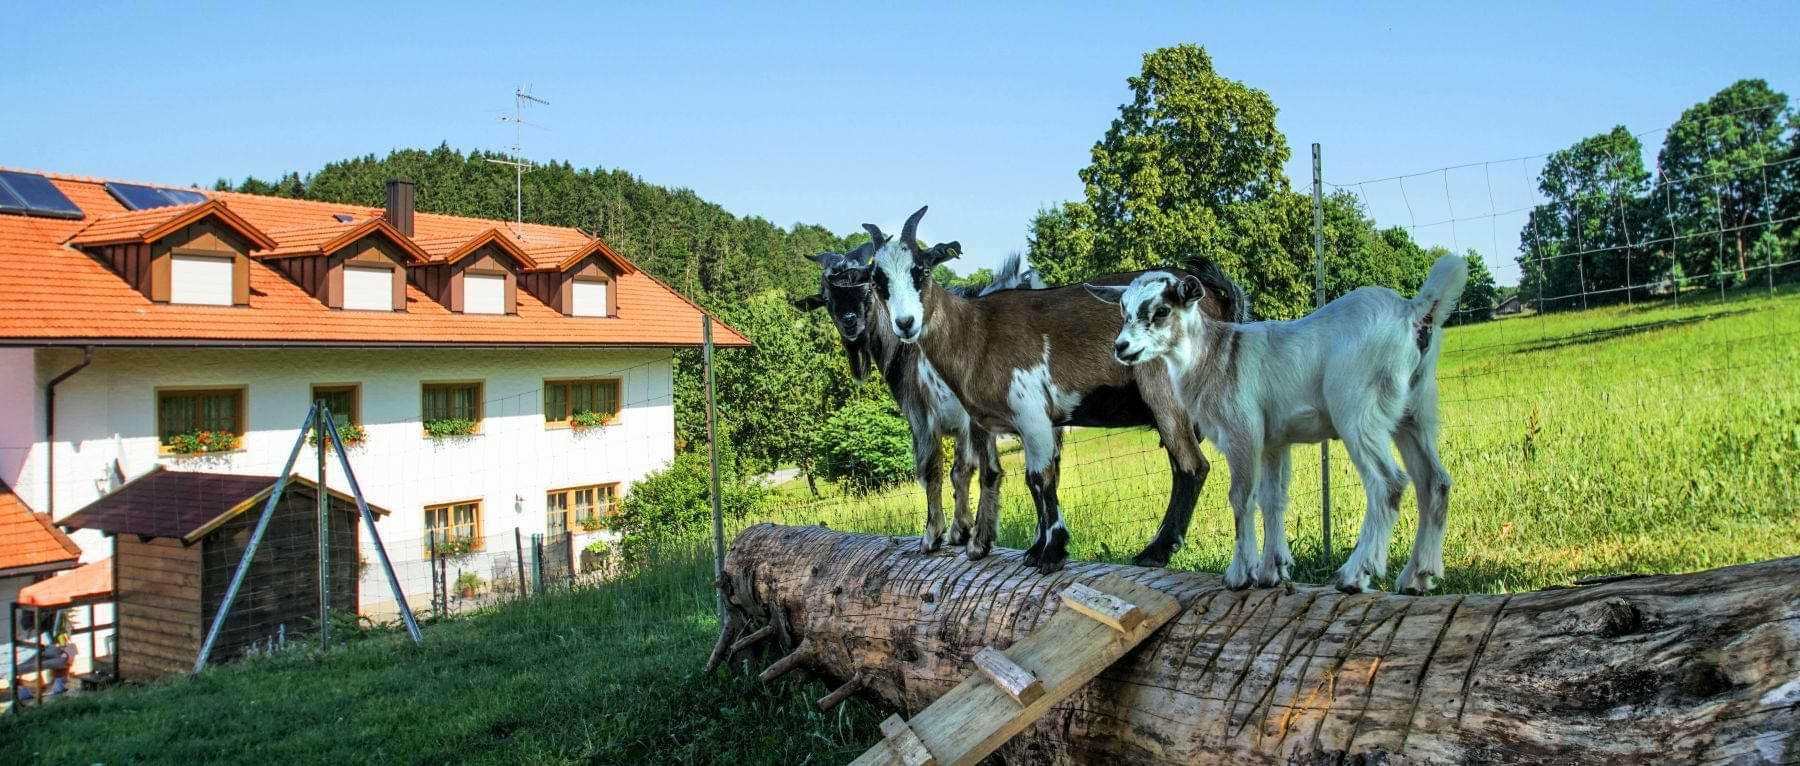 Ferienwohnungen Schauberger